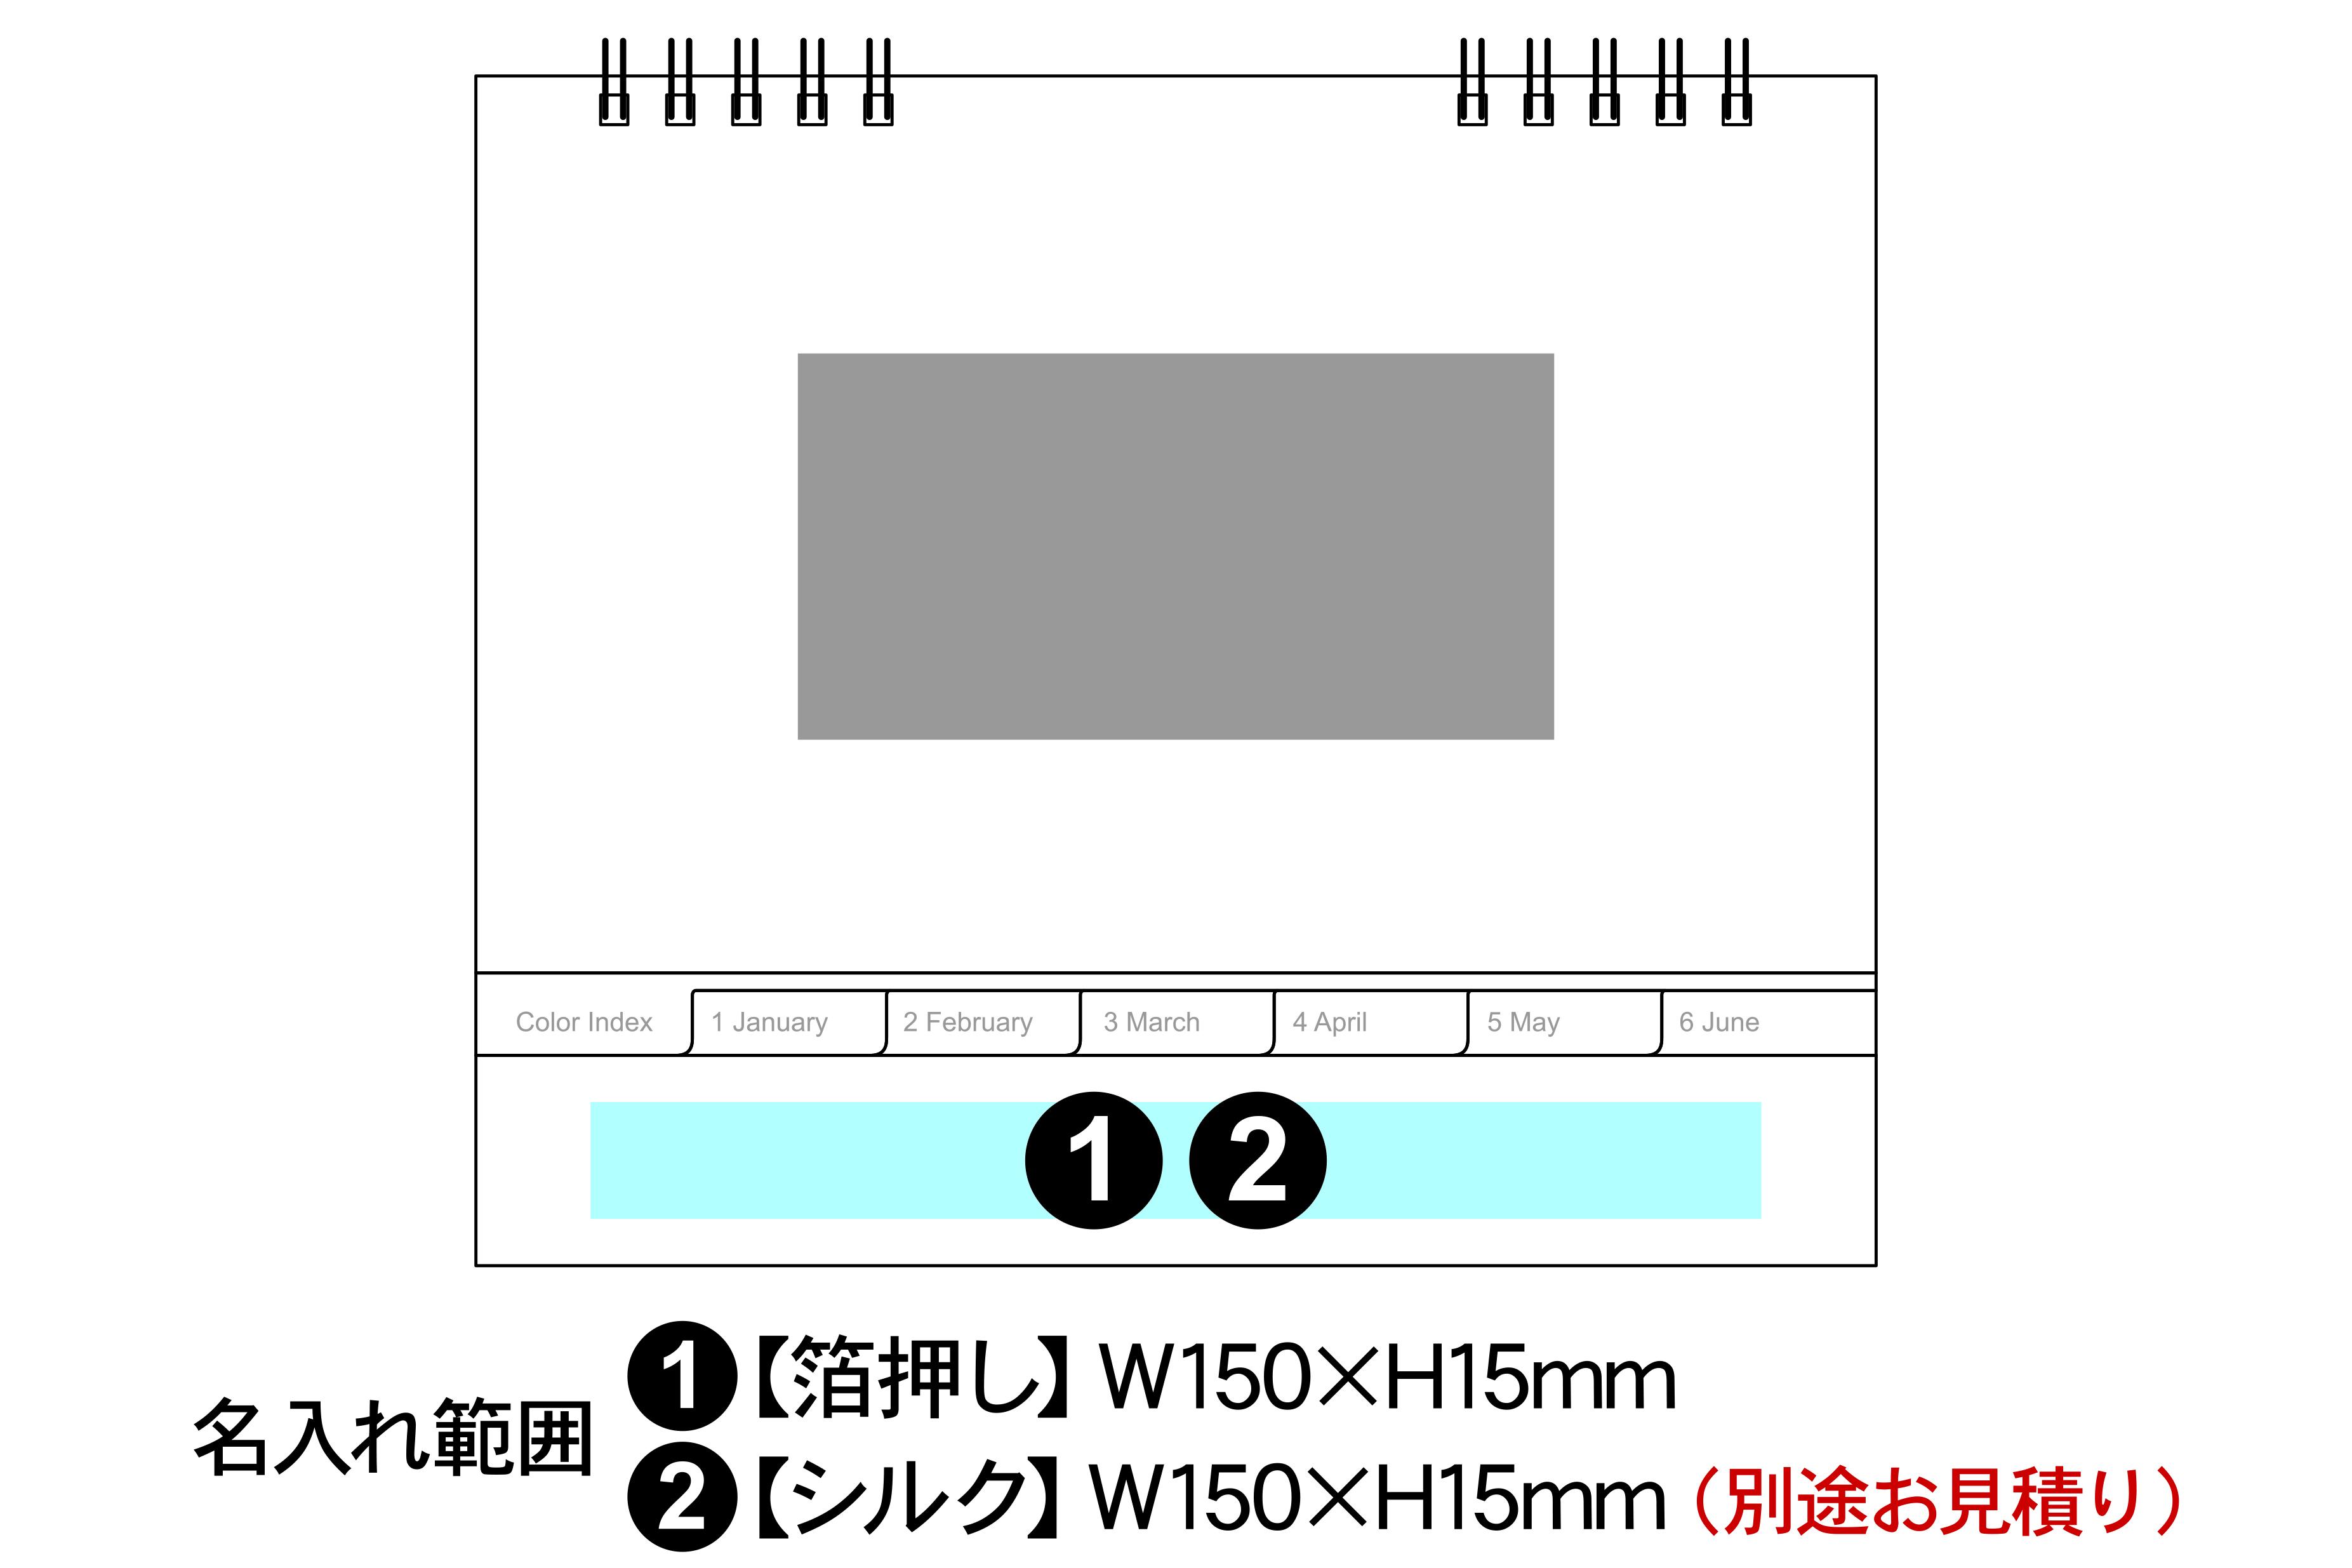 卓上カレンダー カラーインデックス(小)